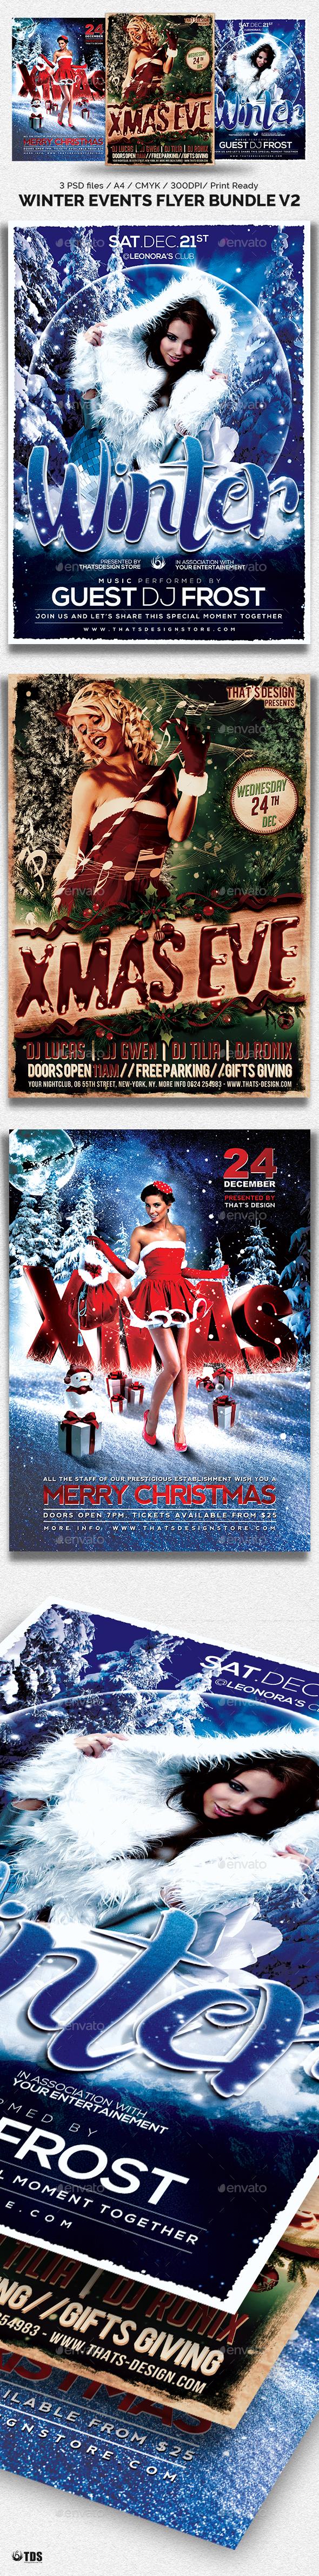 Winter Events Flyer Bundle V2 - Holidays Events